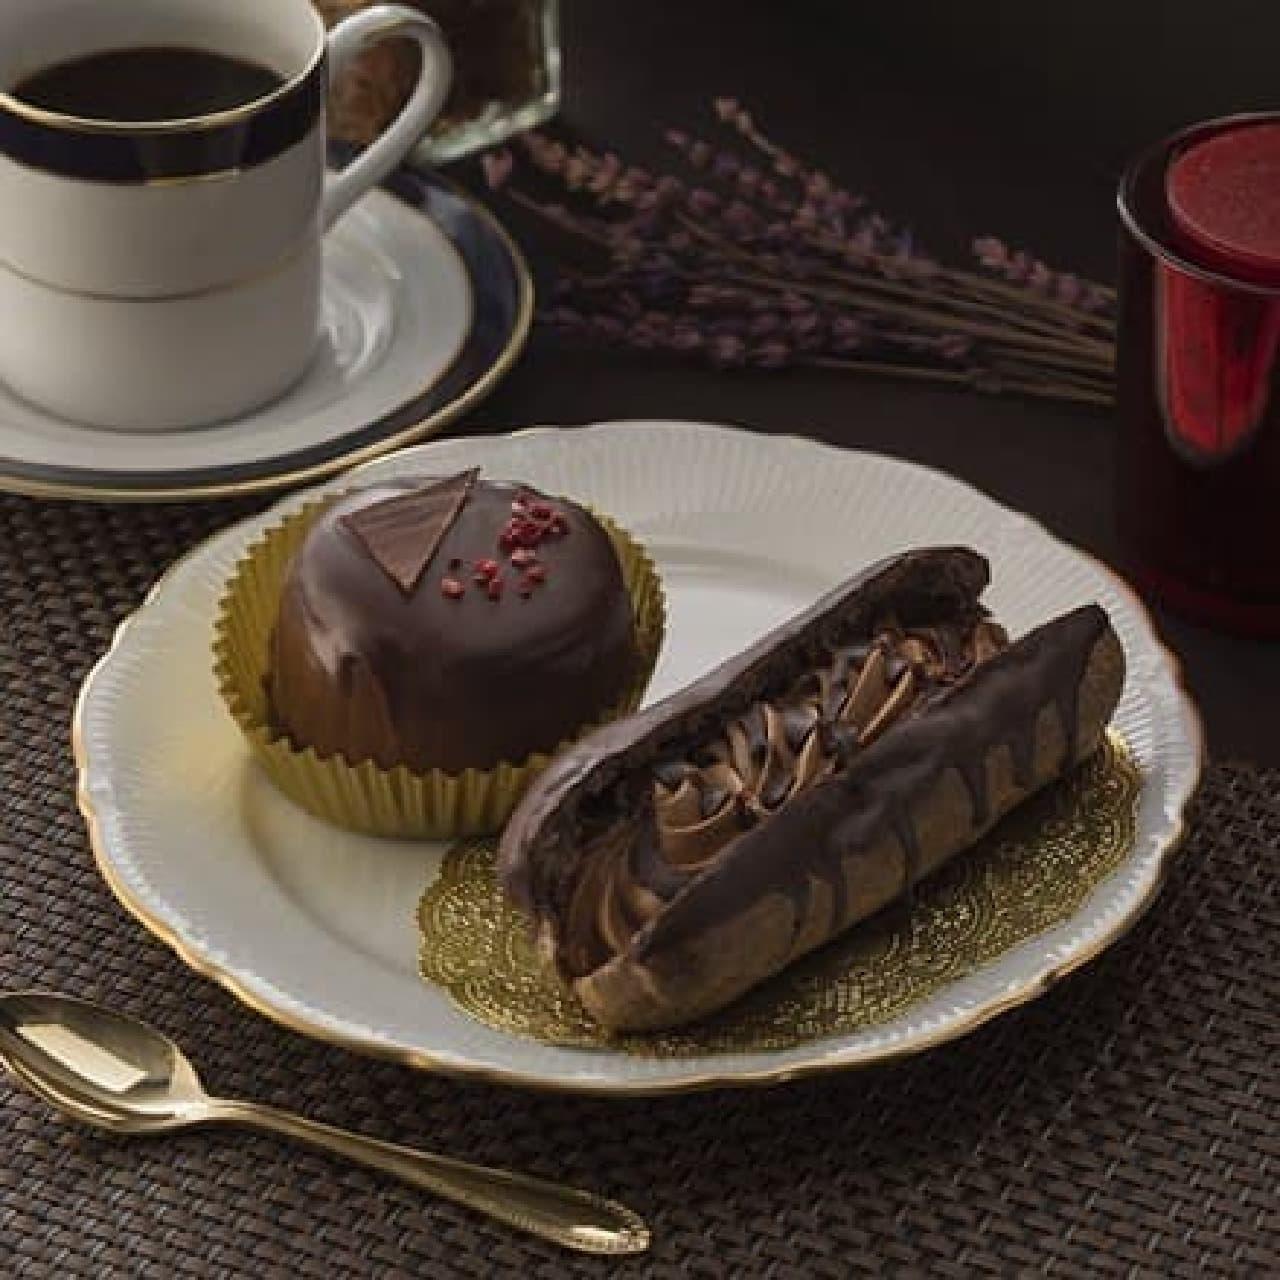 ファミリーマート「カカオ薫るエクレア」「カカオ薫るショコラケーキ」